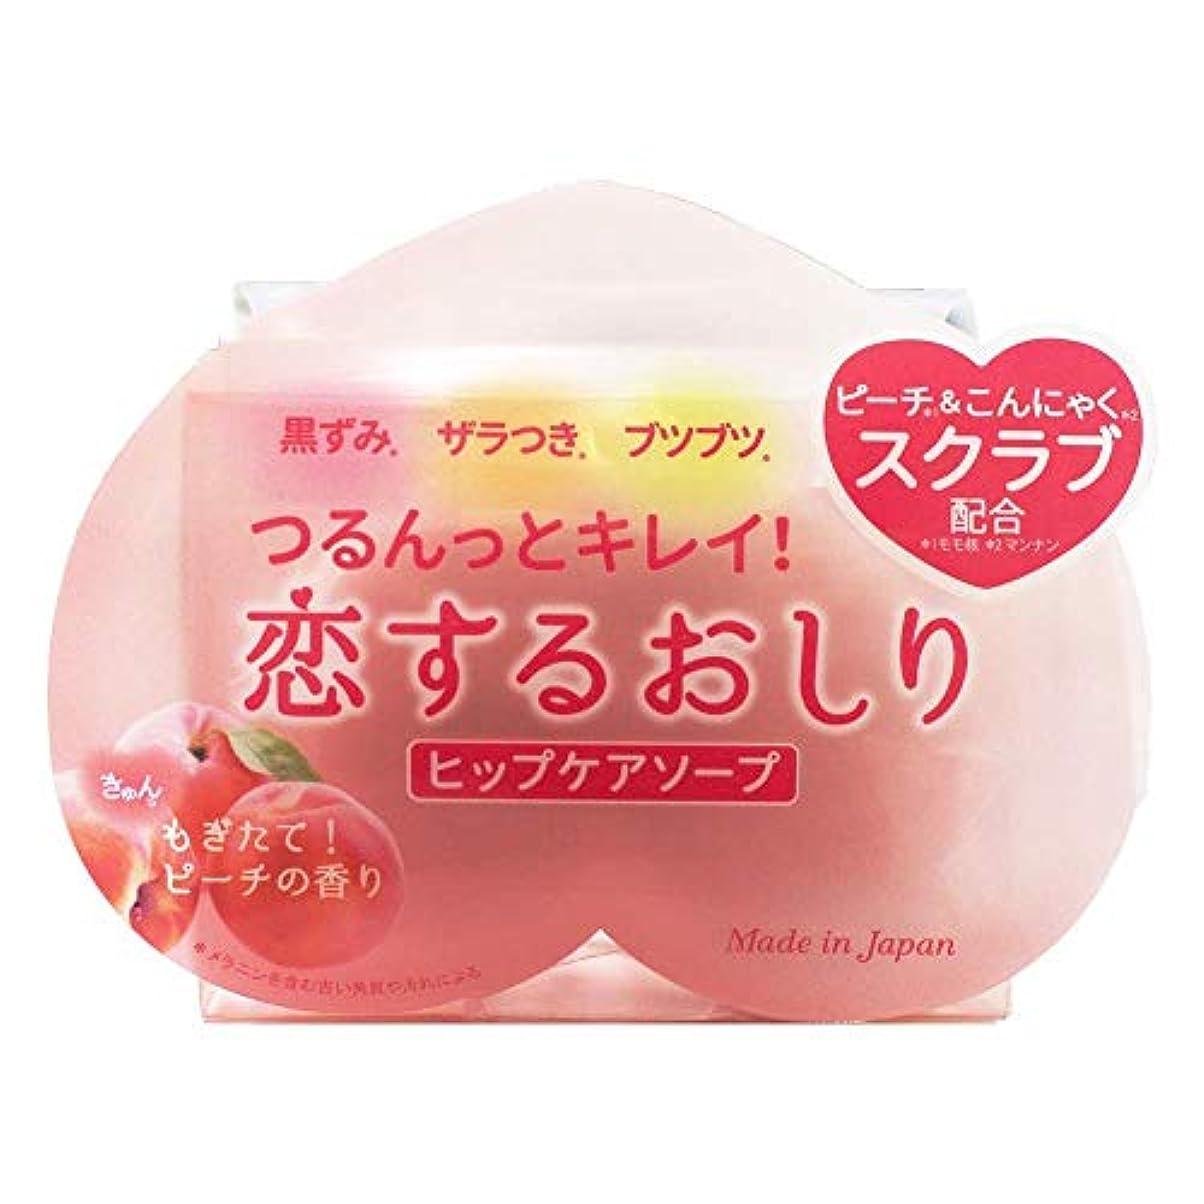 抵抗ネットマルコポーロ【まとめ買い】ペリカン石鹸 恋するおしり ヒップケアソープ 80g×2個